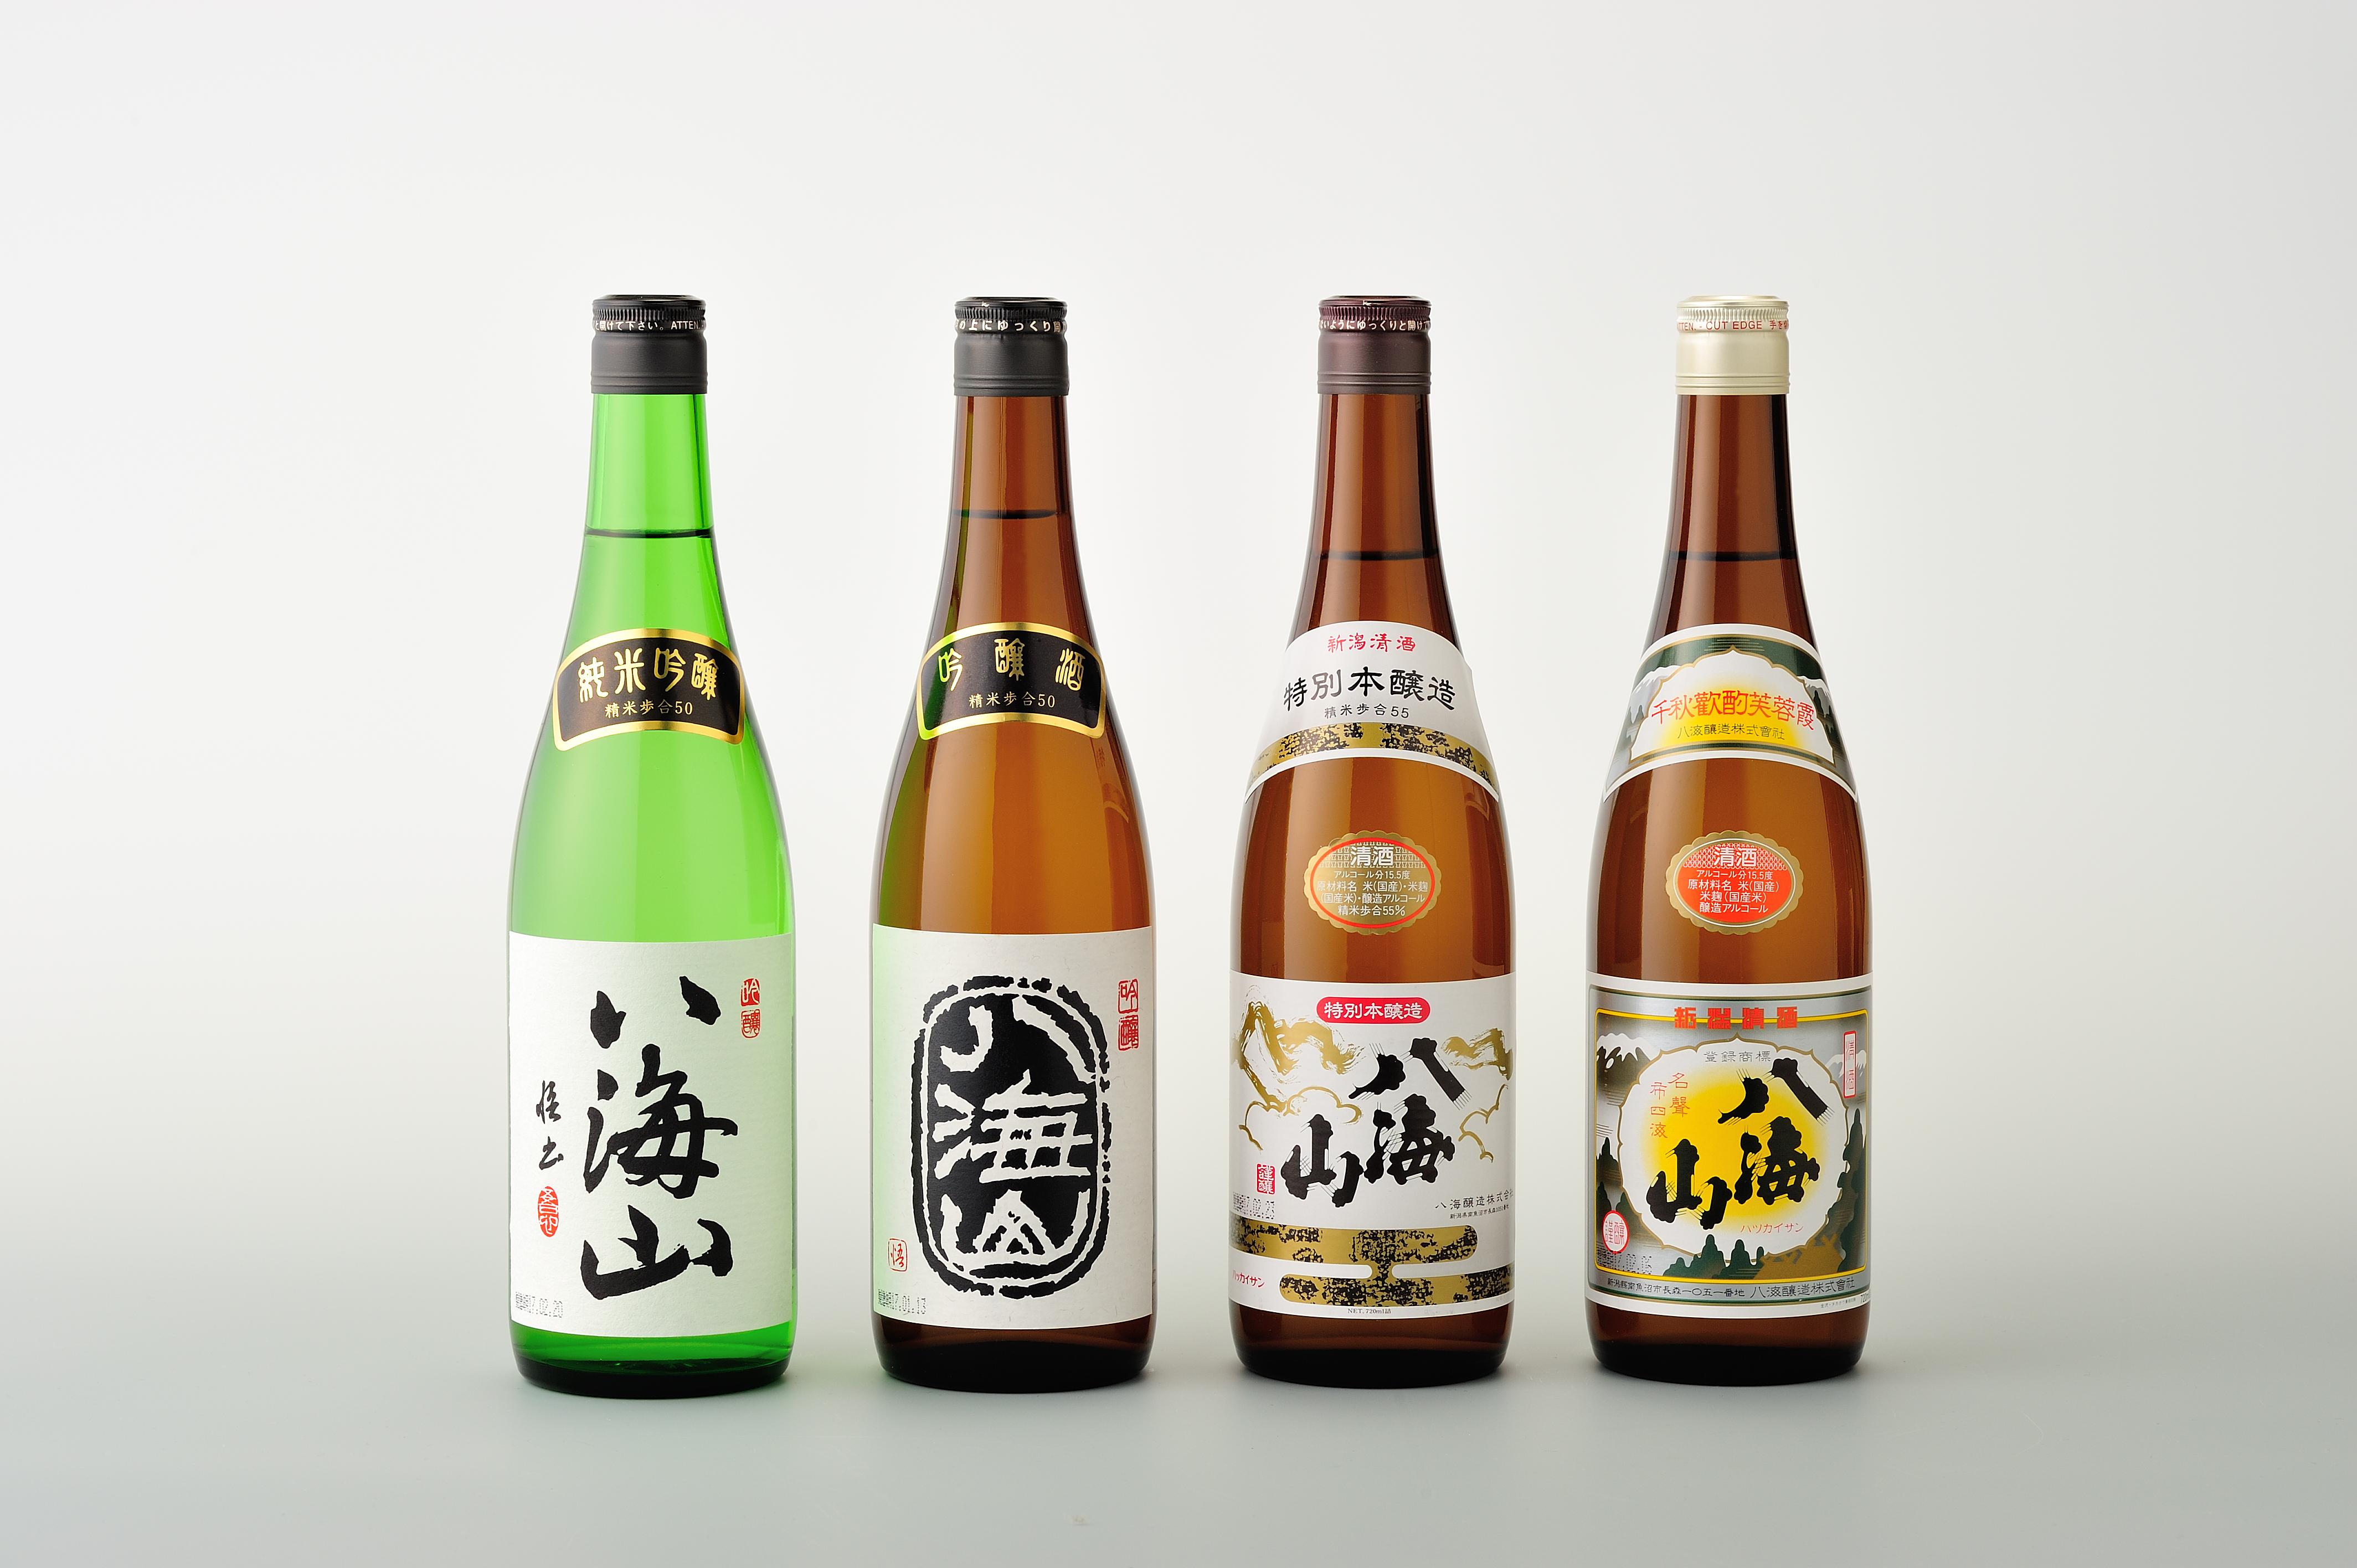 【企業セミナー】 日本酒のラベルの読み方(お酒・お食事付き) <東京:麻布十番会場> ※申し込み期限 開催日の5日前まで